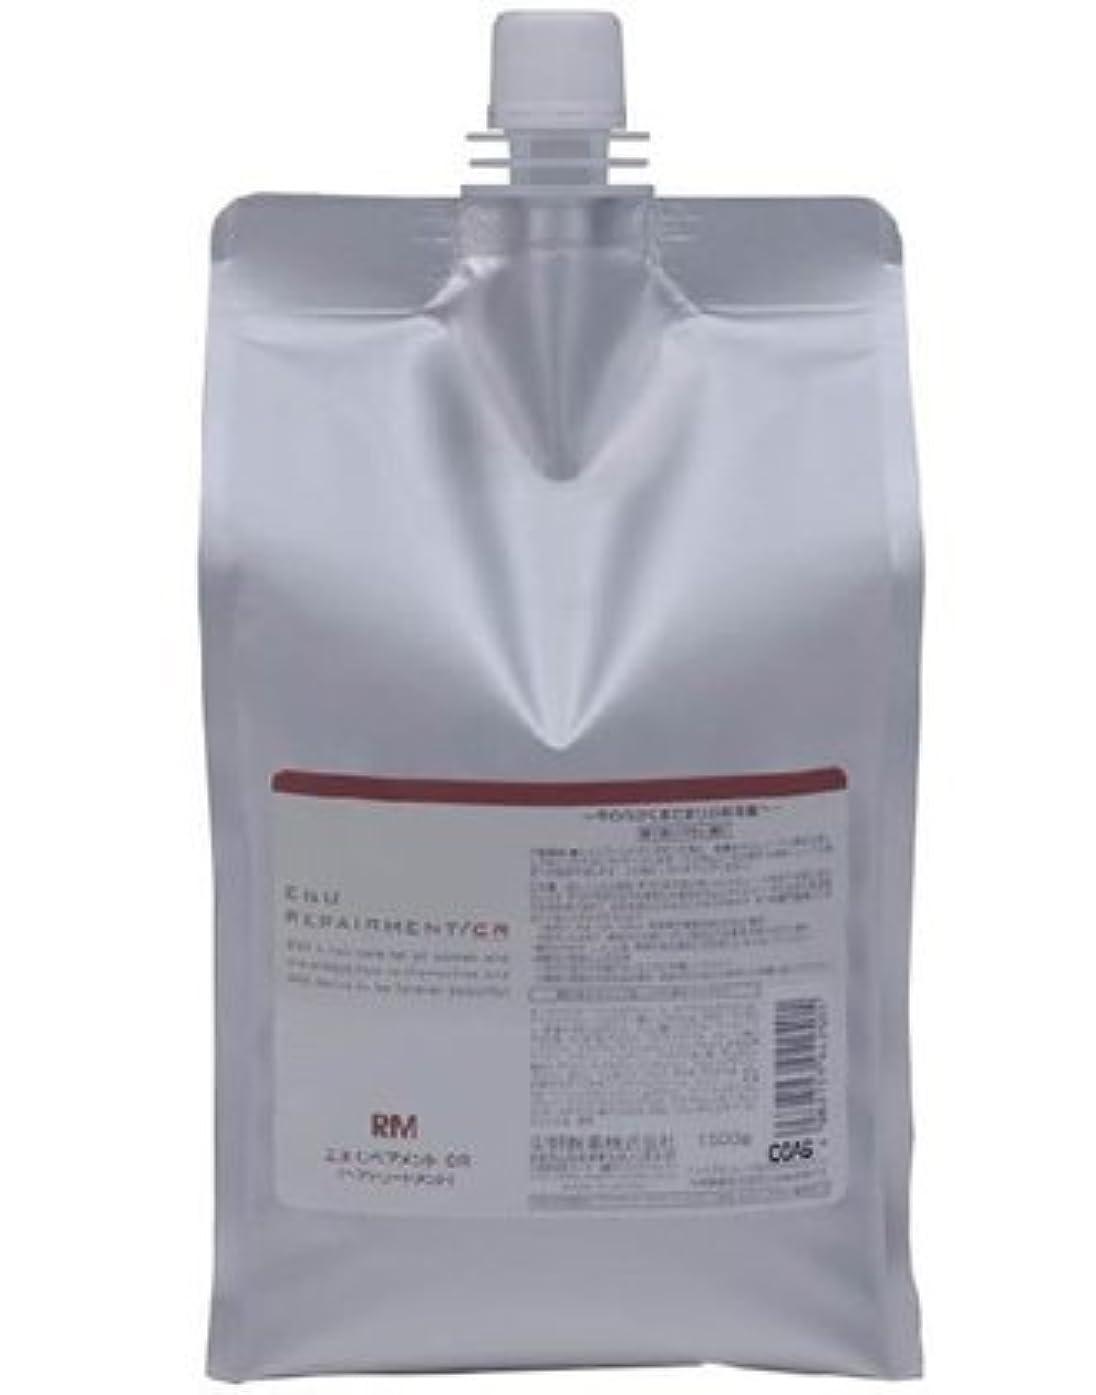 悪因子進む代わりの中野製薬 ENU エヌ リペアメント CR 1500g レフィル 詰替え用